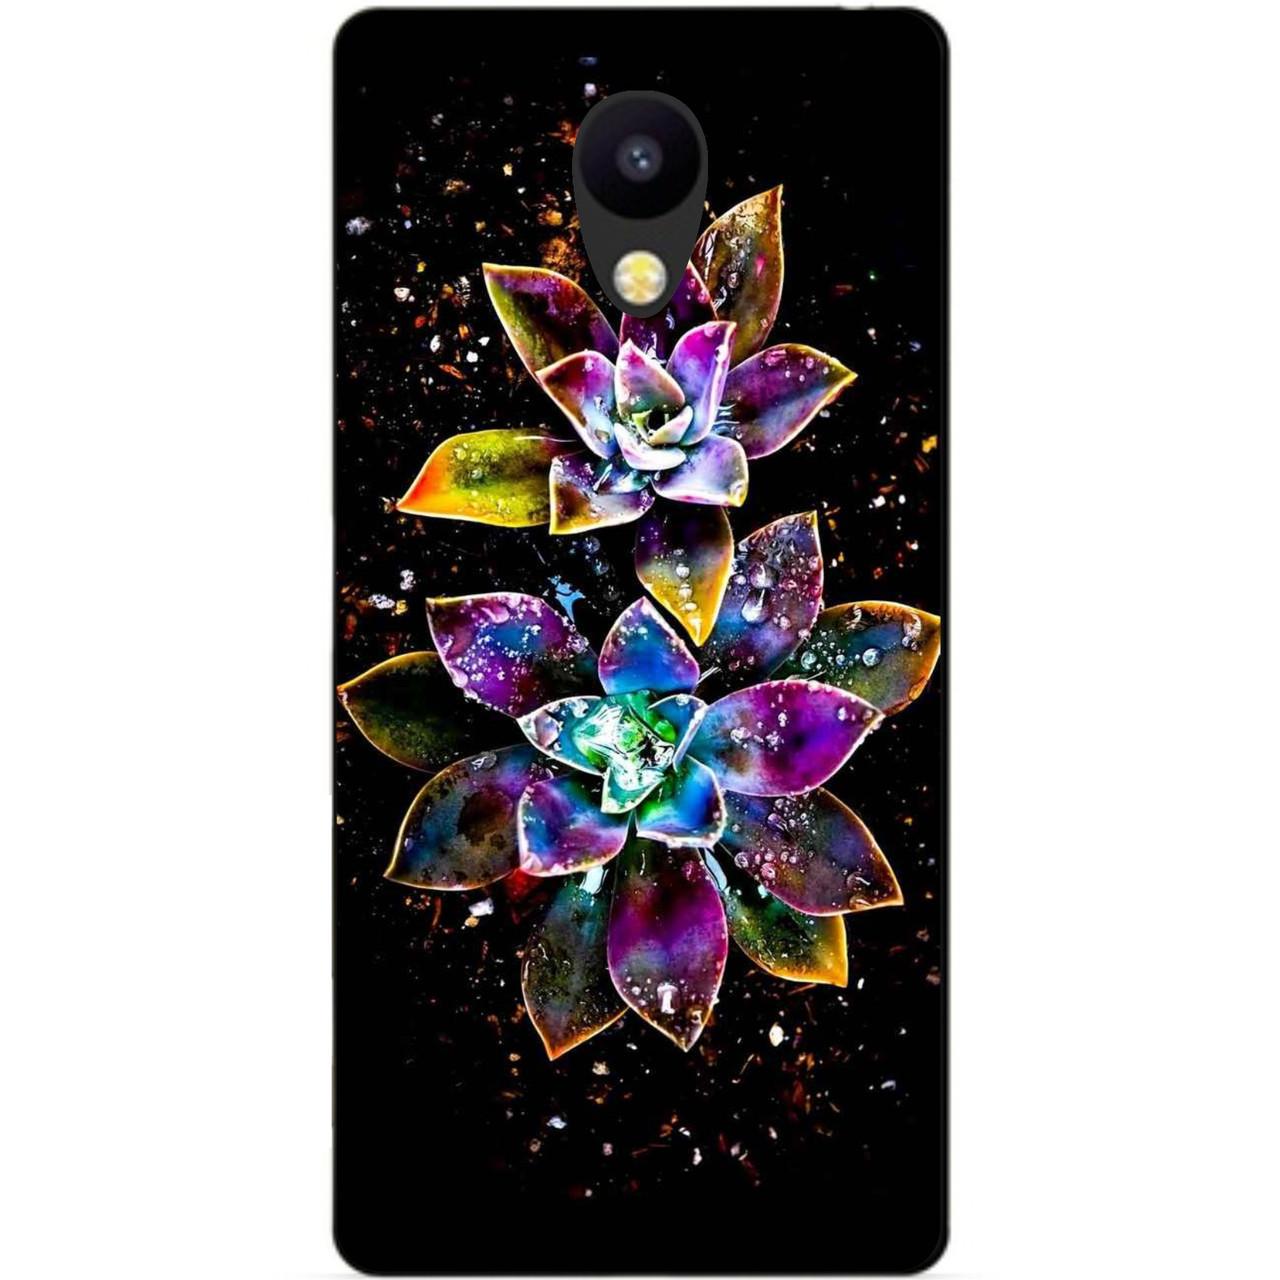 Силиконовый чехол для Meizu M5c с рисунком Волшебные цветы